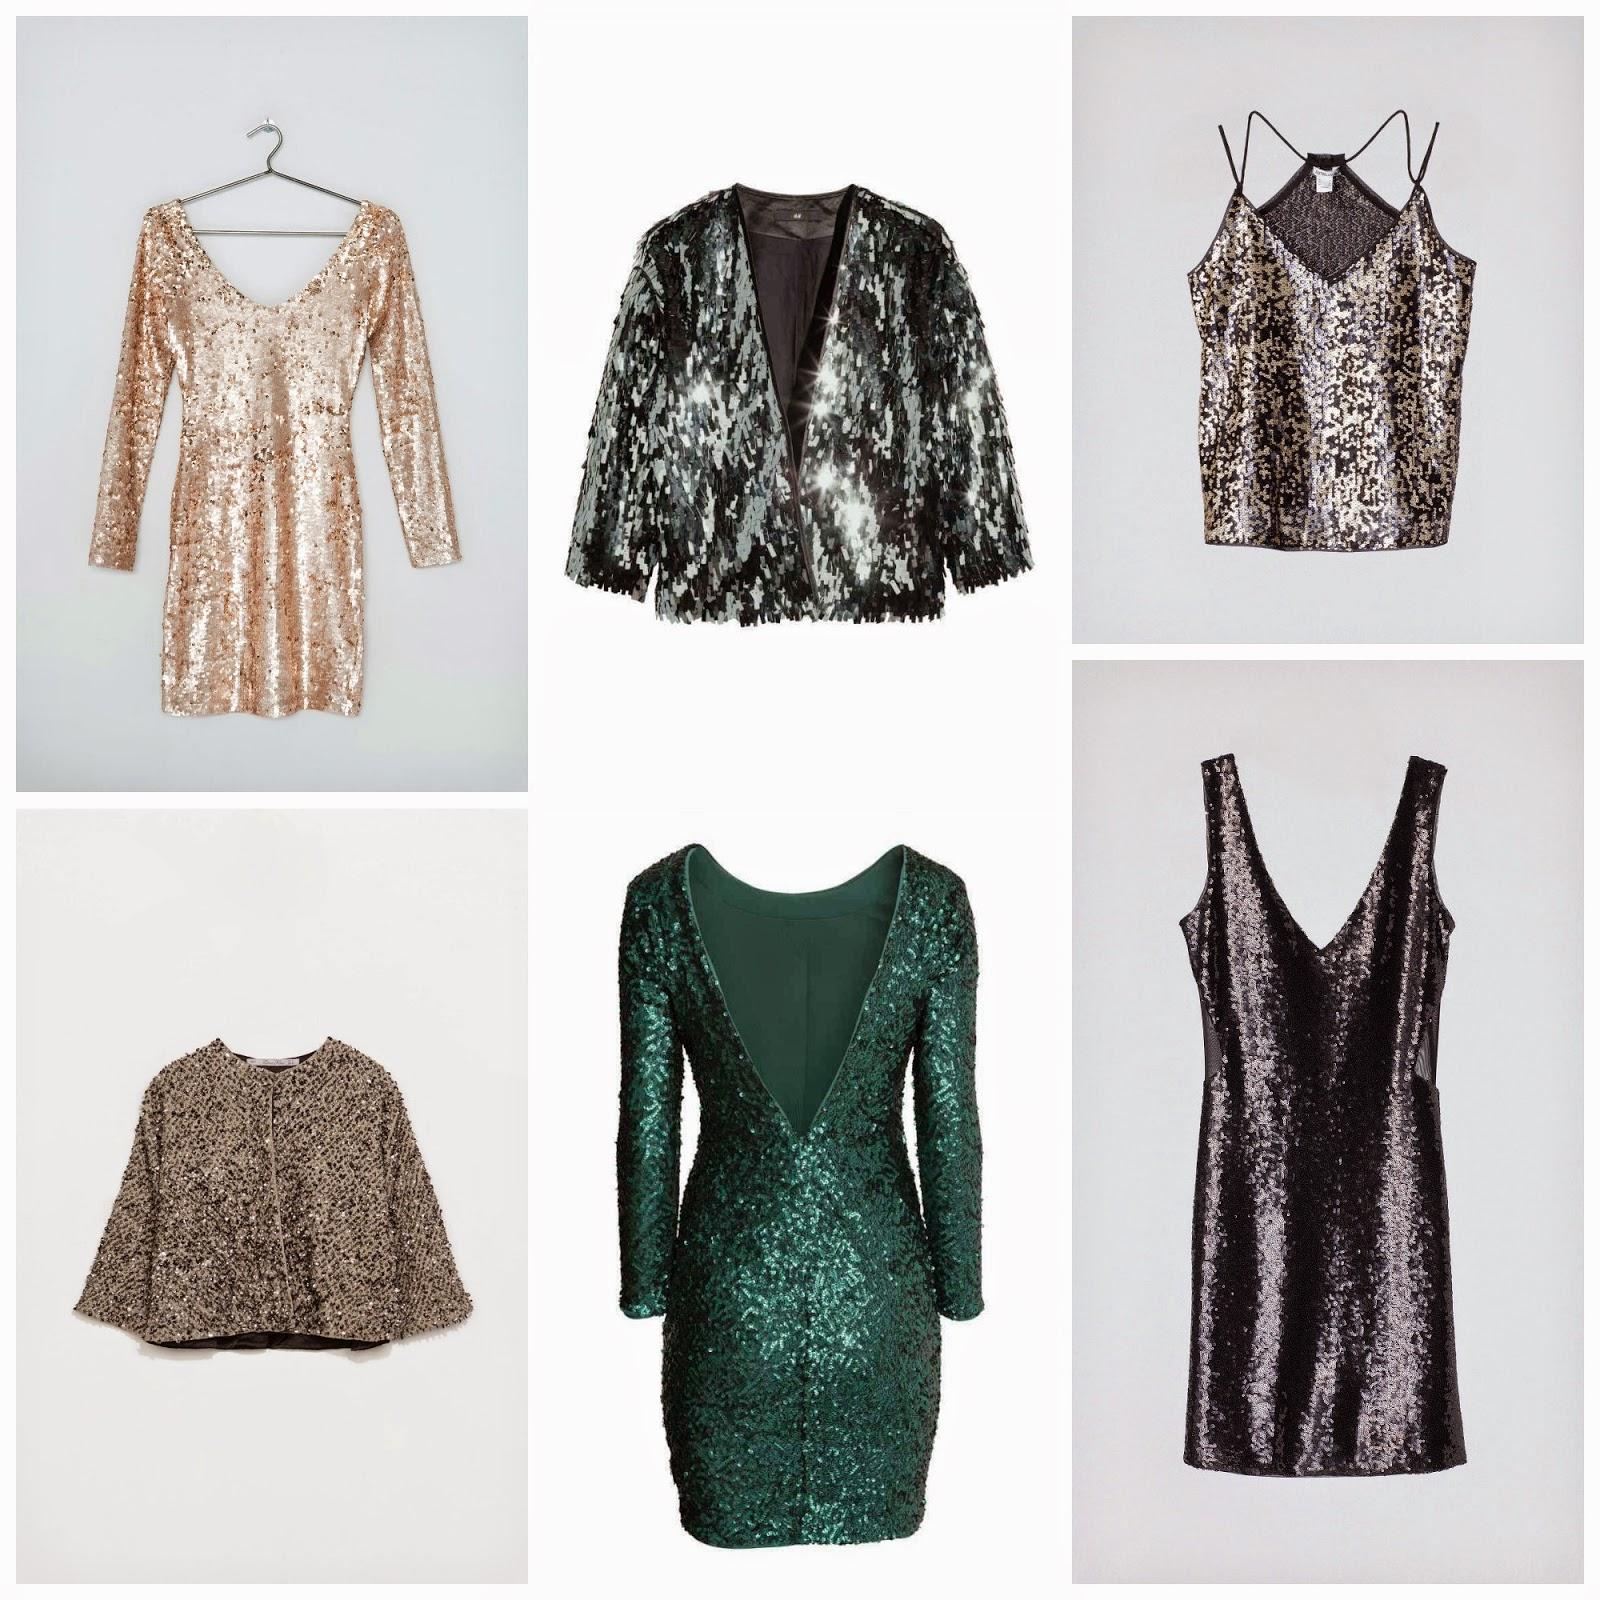 Vestidos lentejuelas para Navidad. Vestido Verde Lentejuelas H&M. Vestido Negro lentejuelas Zara. Chaqueta lentejuelas Zara. Shorts lentejuelas H&M. Paillettes para Navidad.